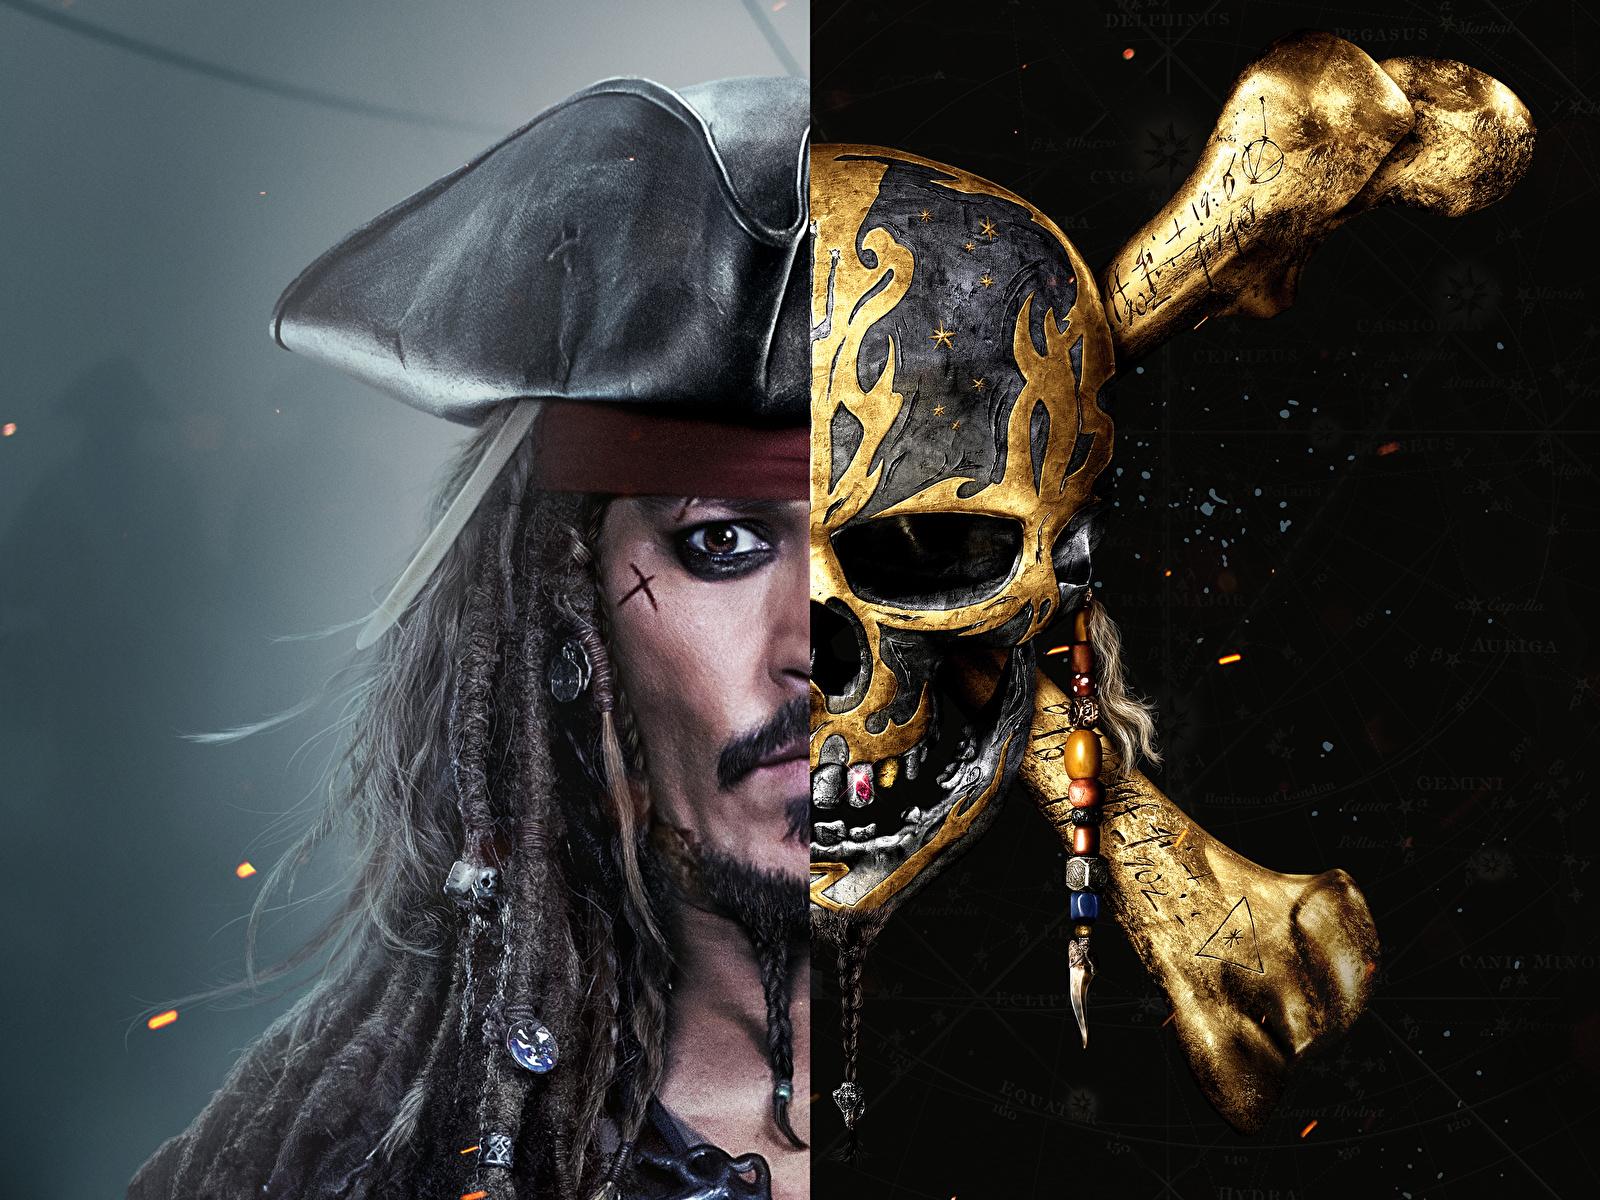 Immagini Di Teschio Pirati sfondi pirati dei caraibi - la vendetta di salazar johnny